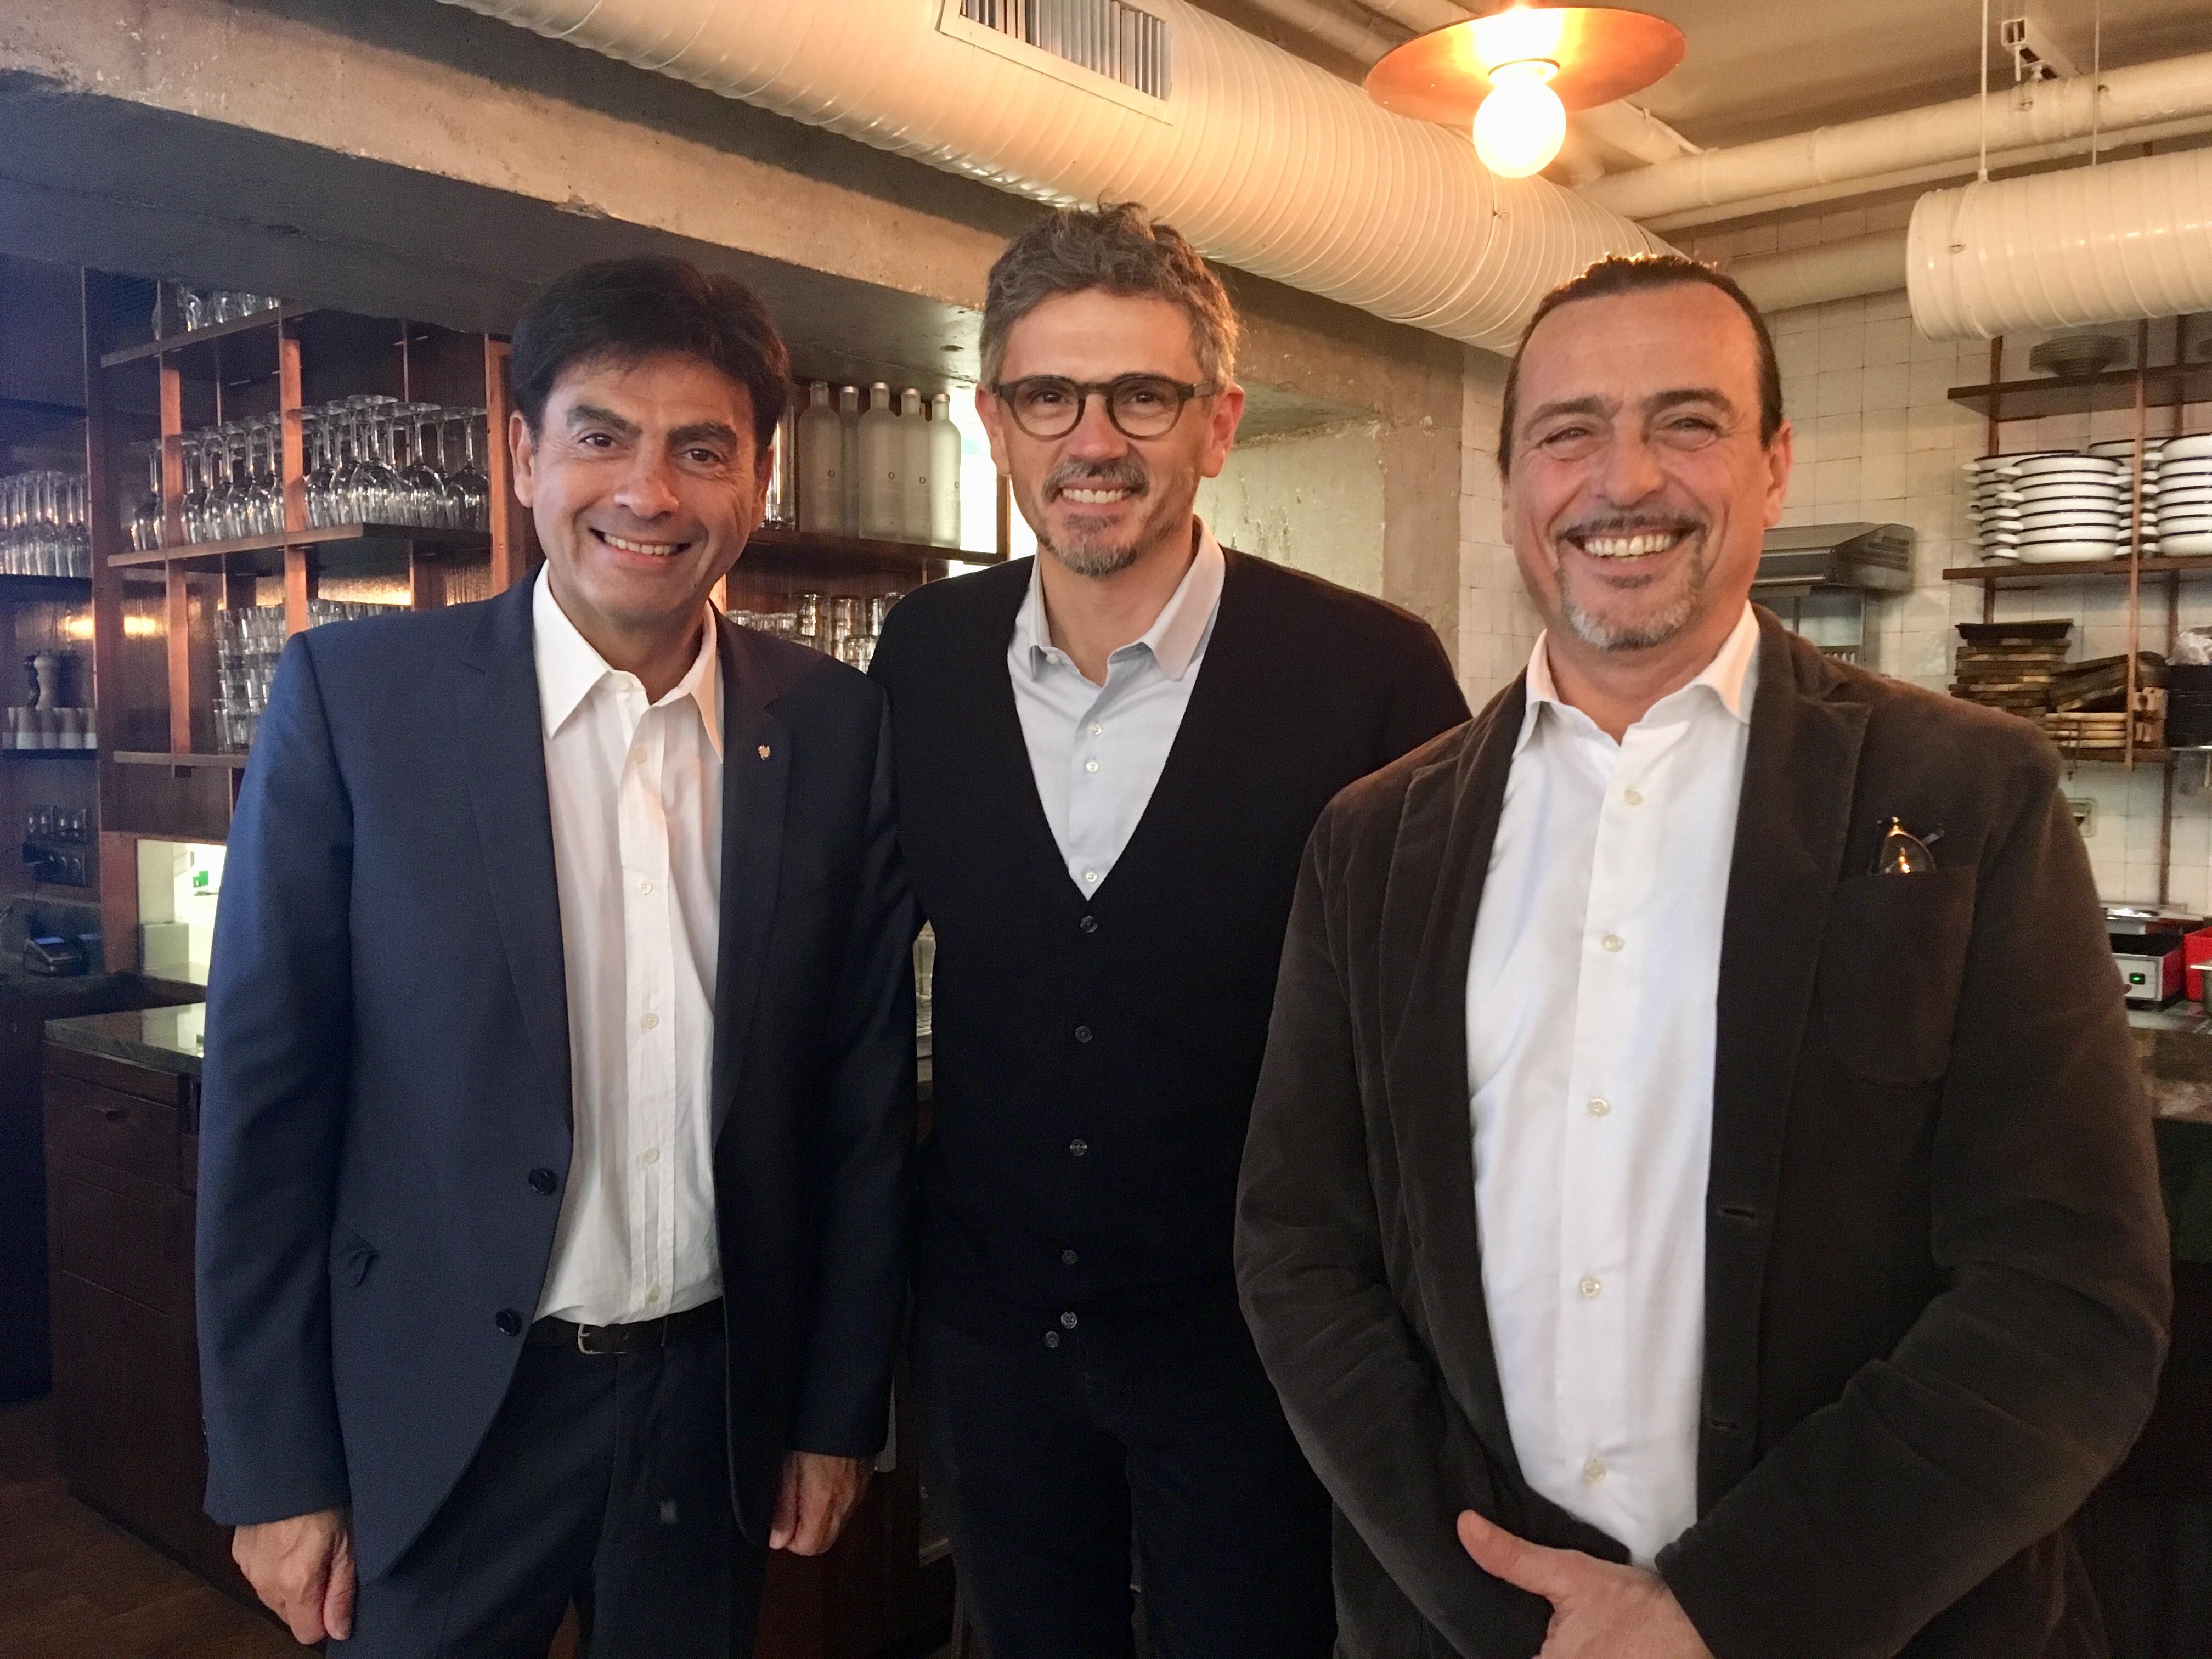 Georges Azouze, président de Costa Croisières France, Christophe Adam, chef pâtissier et Stefano Fontanesi, le Chef Costa Croisières. - CL